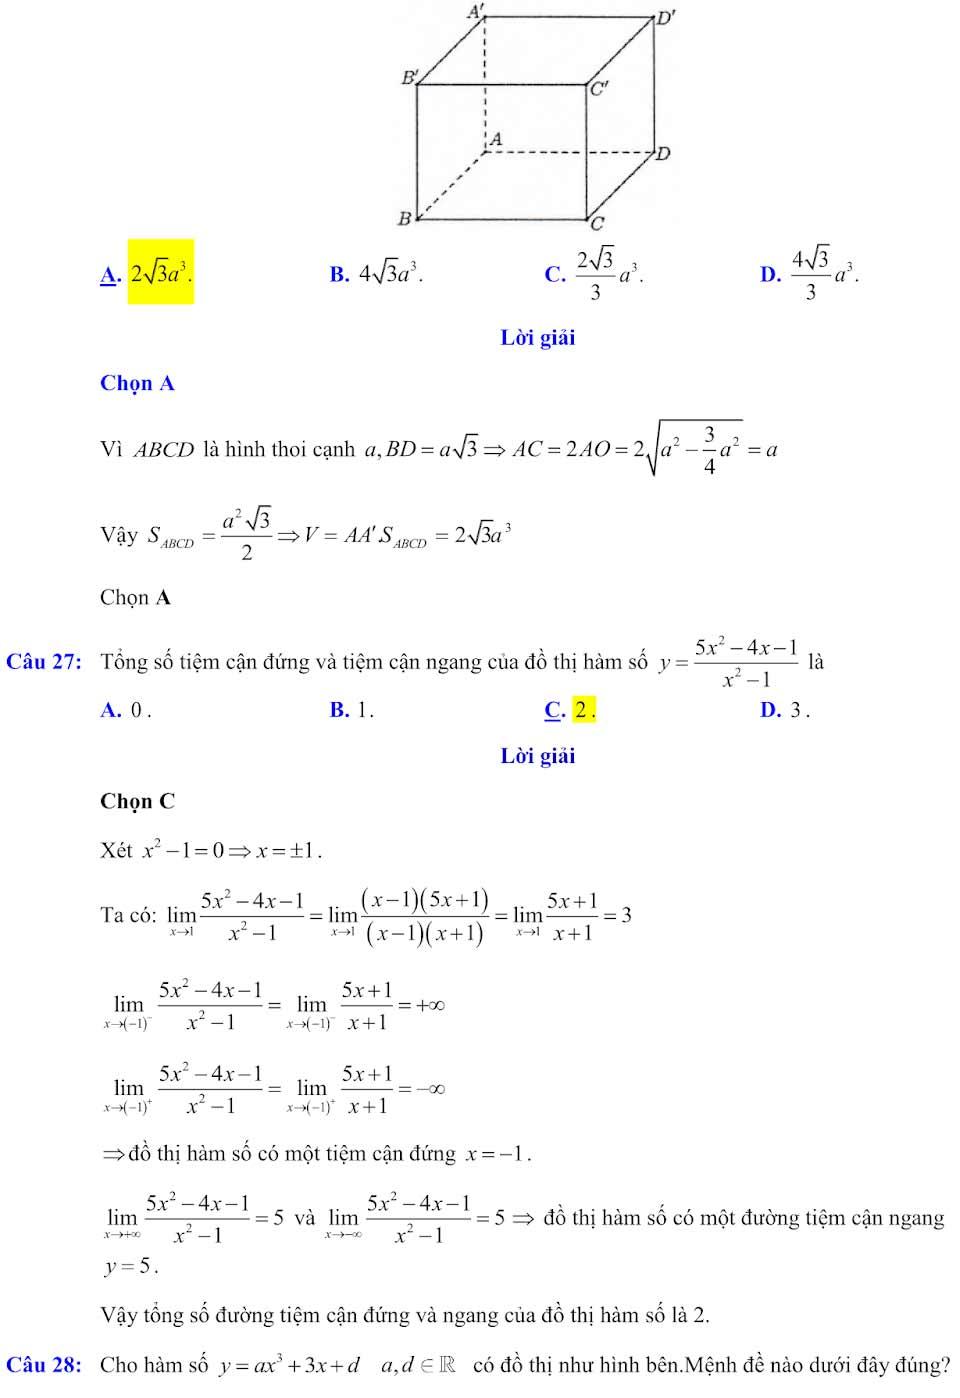 Đáp án đề minh họa thi thpt quốc gia môn toán 2020 lần 1_7